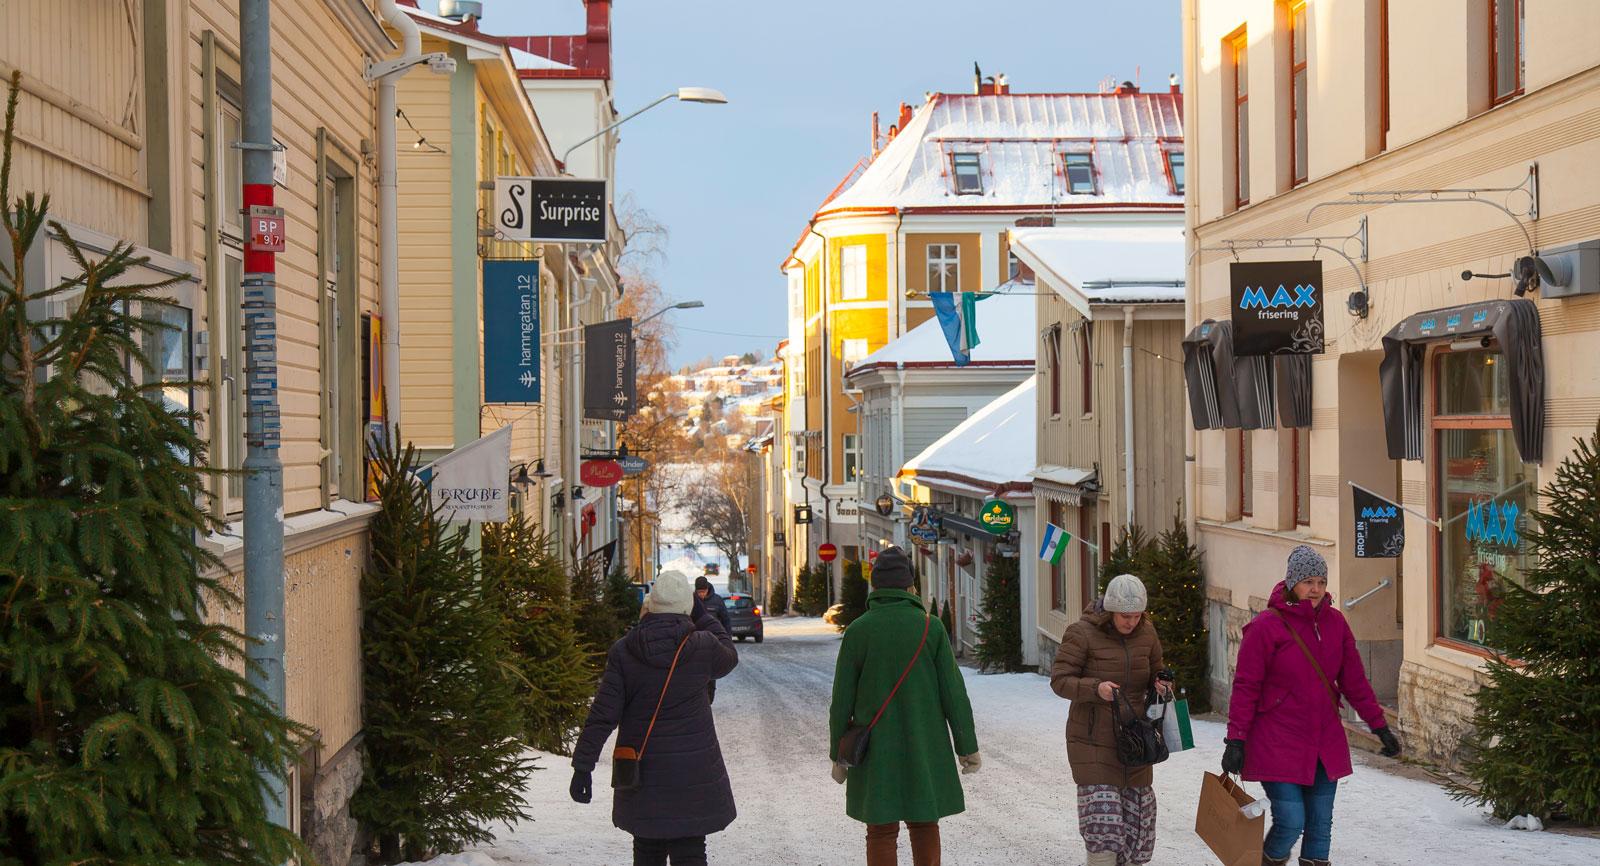 De gamla innergårdarna i Östersunds centrala delar har renoverats och blivit populära mötesplatser.